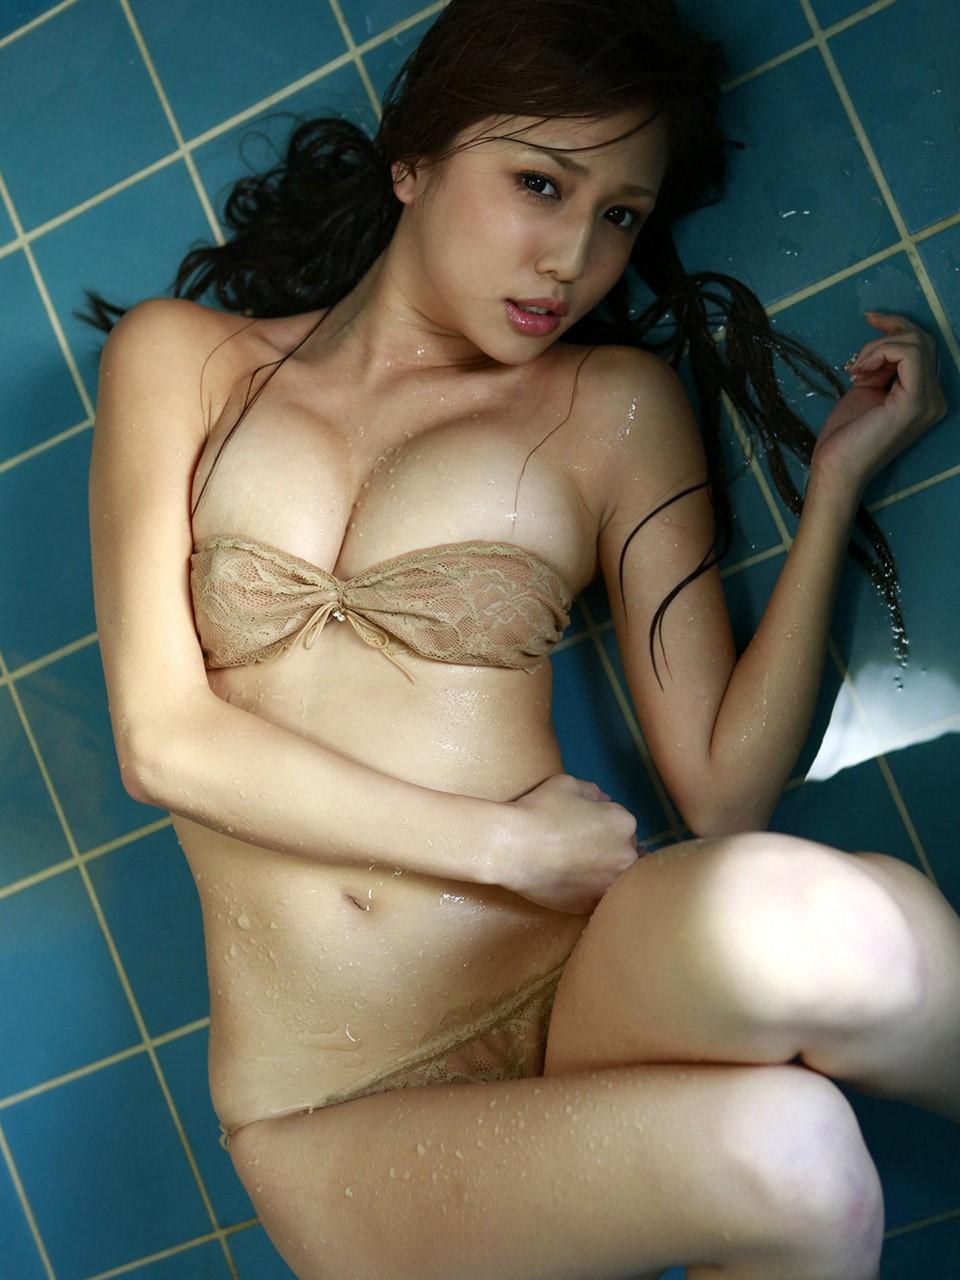 manami marutaka sexy bikini pics